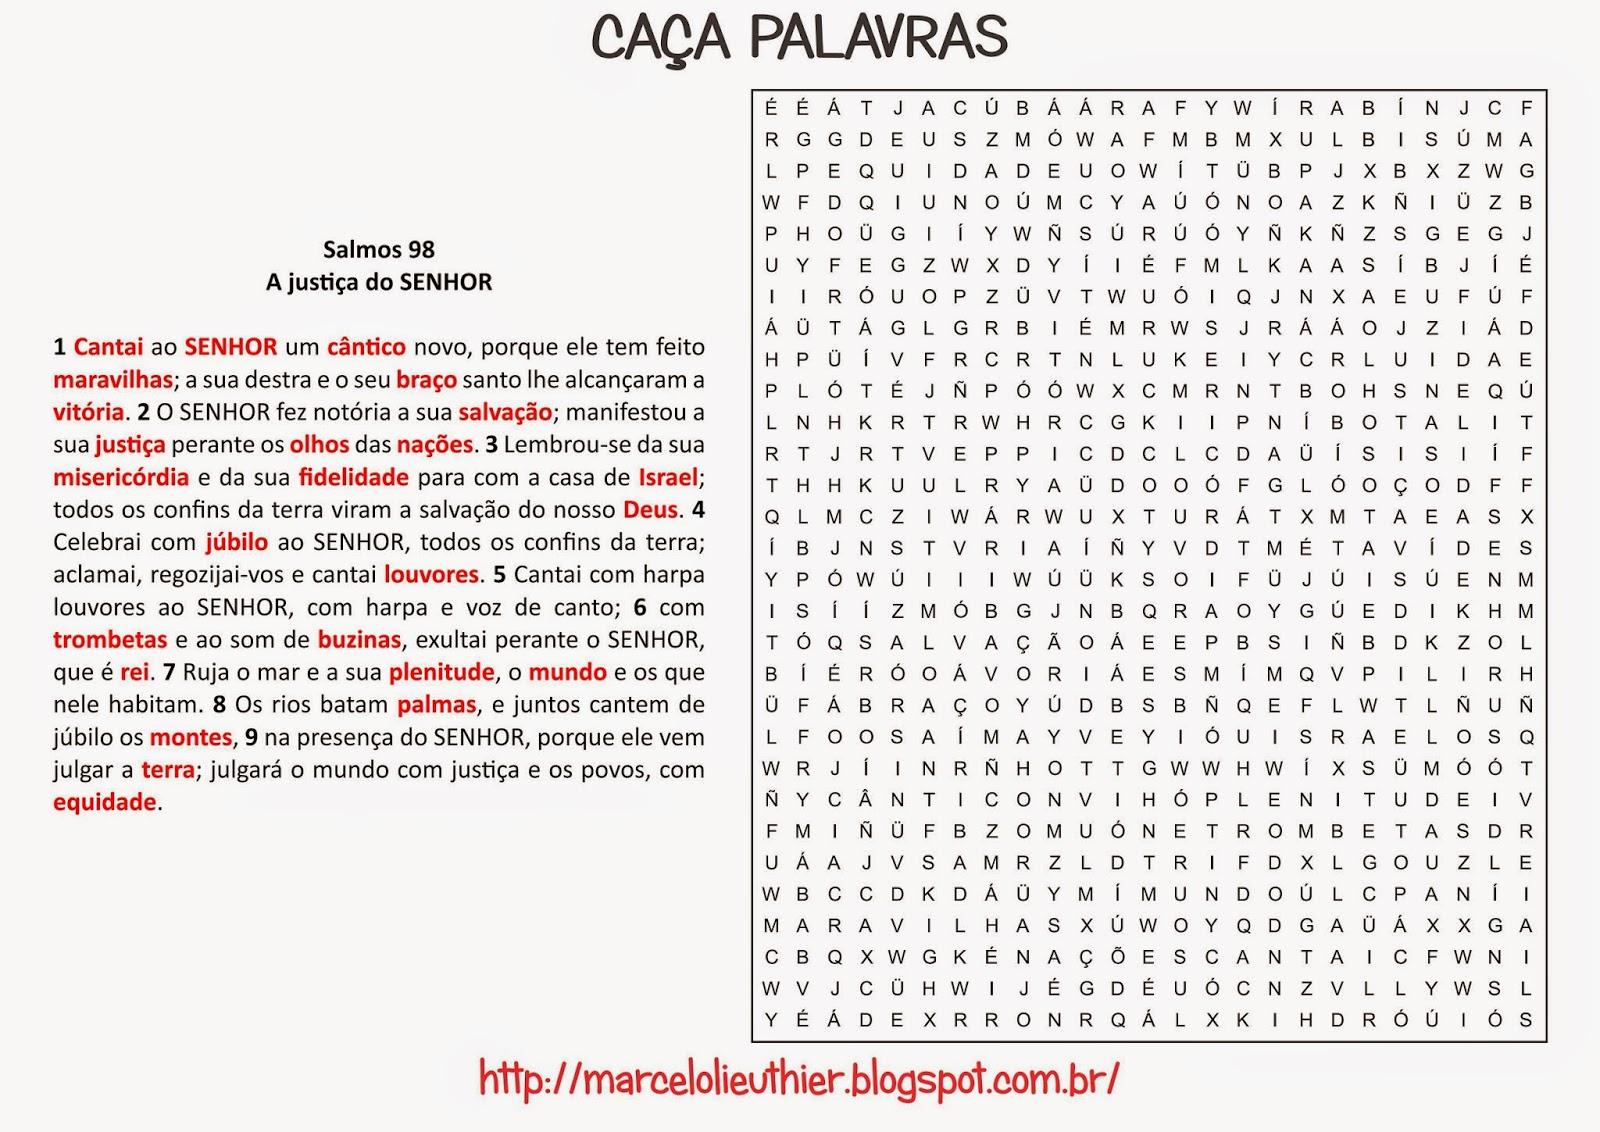 40 Atividades Com Caca Palavras Biblico Para Imprimir Online